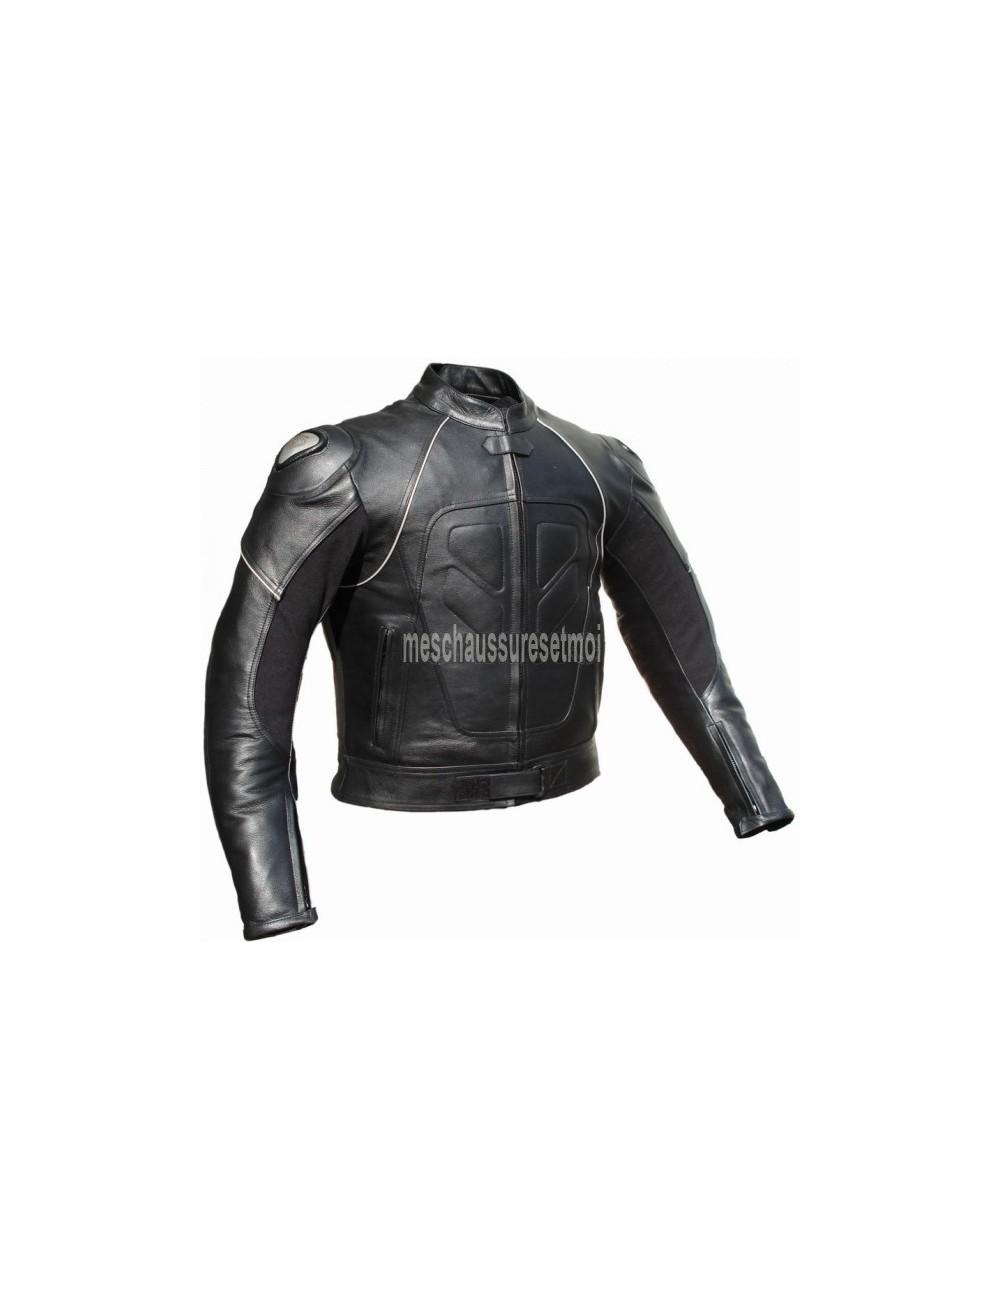 Vêtement moto sur mesure - Blouson moto cuir sur mesure protections titane